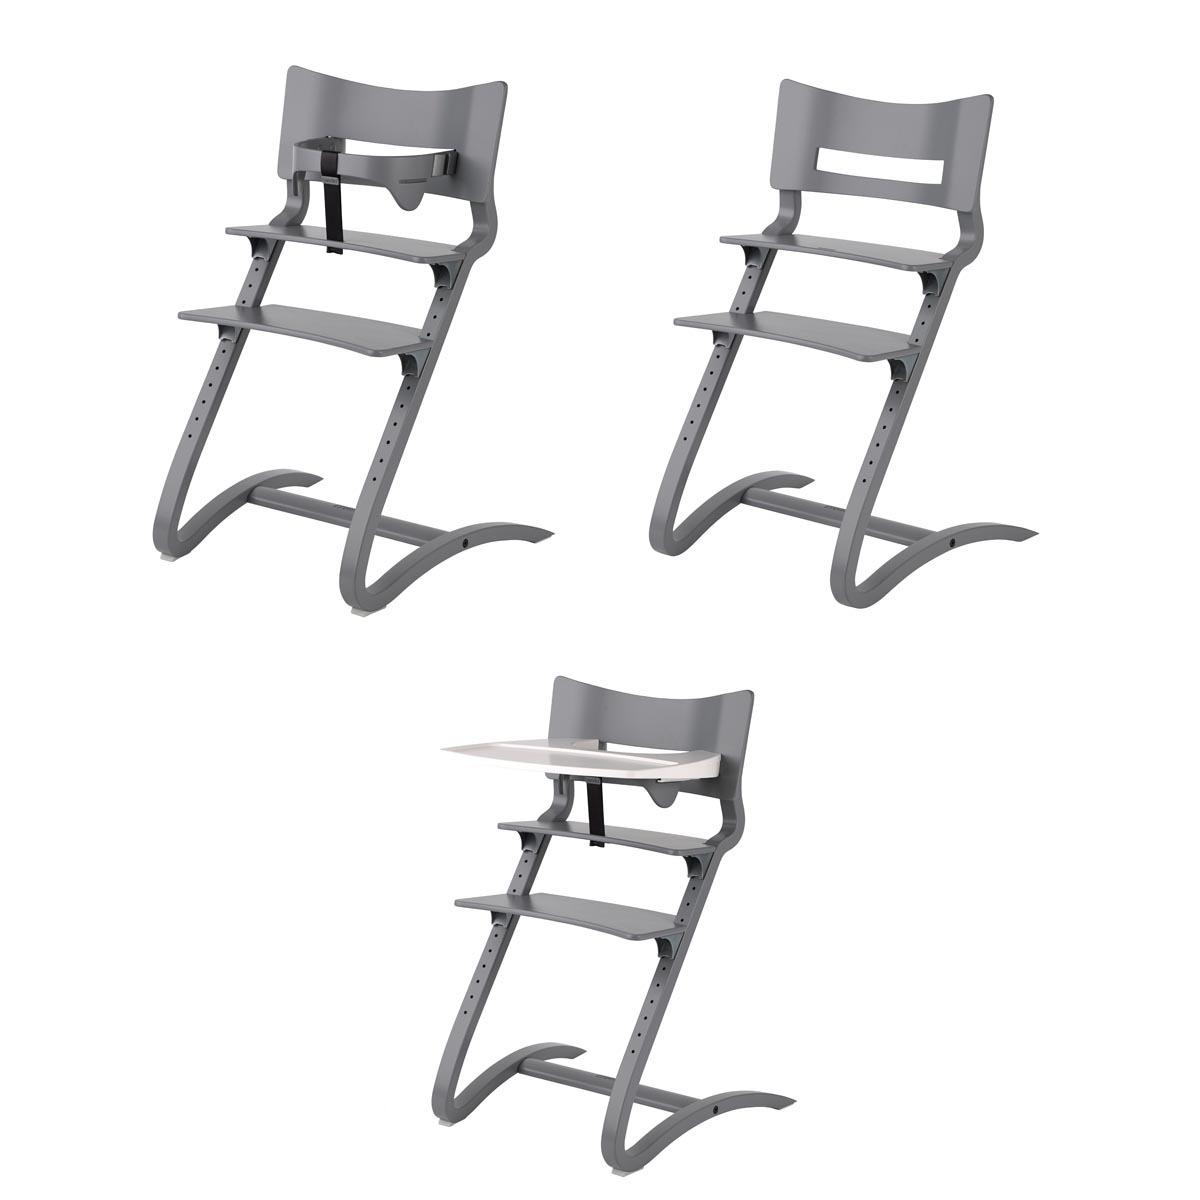 Chaise haute evolutive pas cher - Chaise capitonne pas cher ...